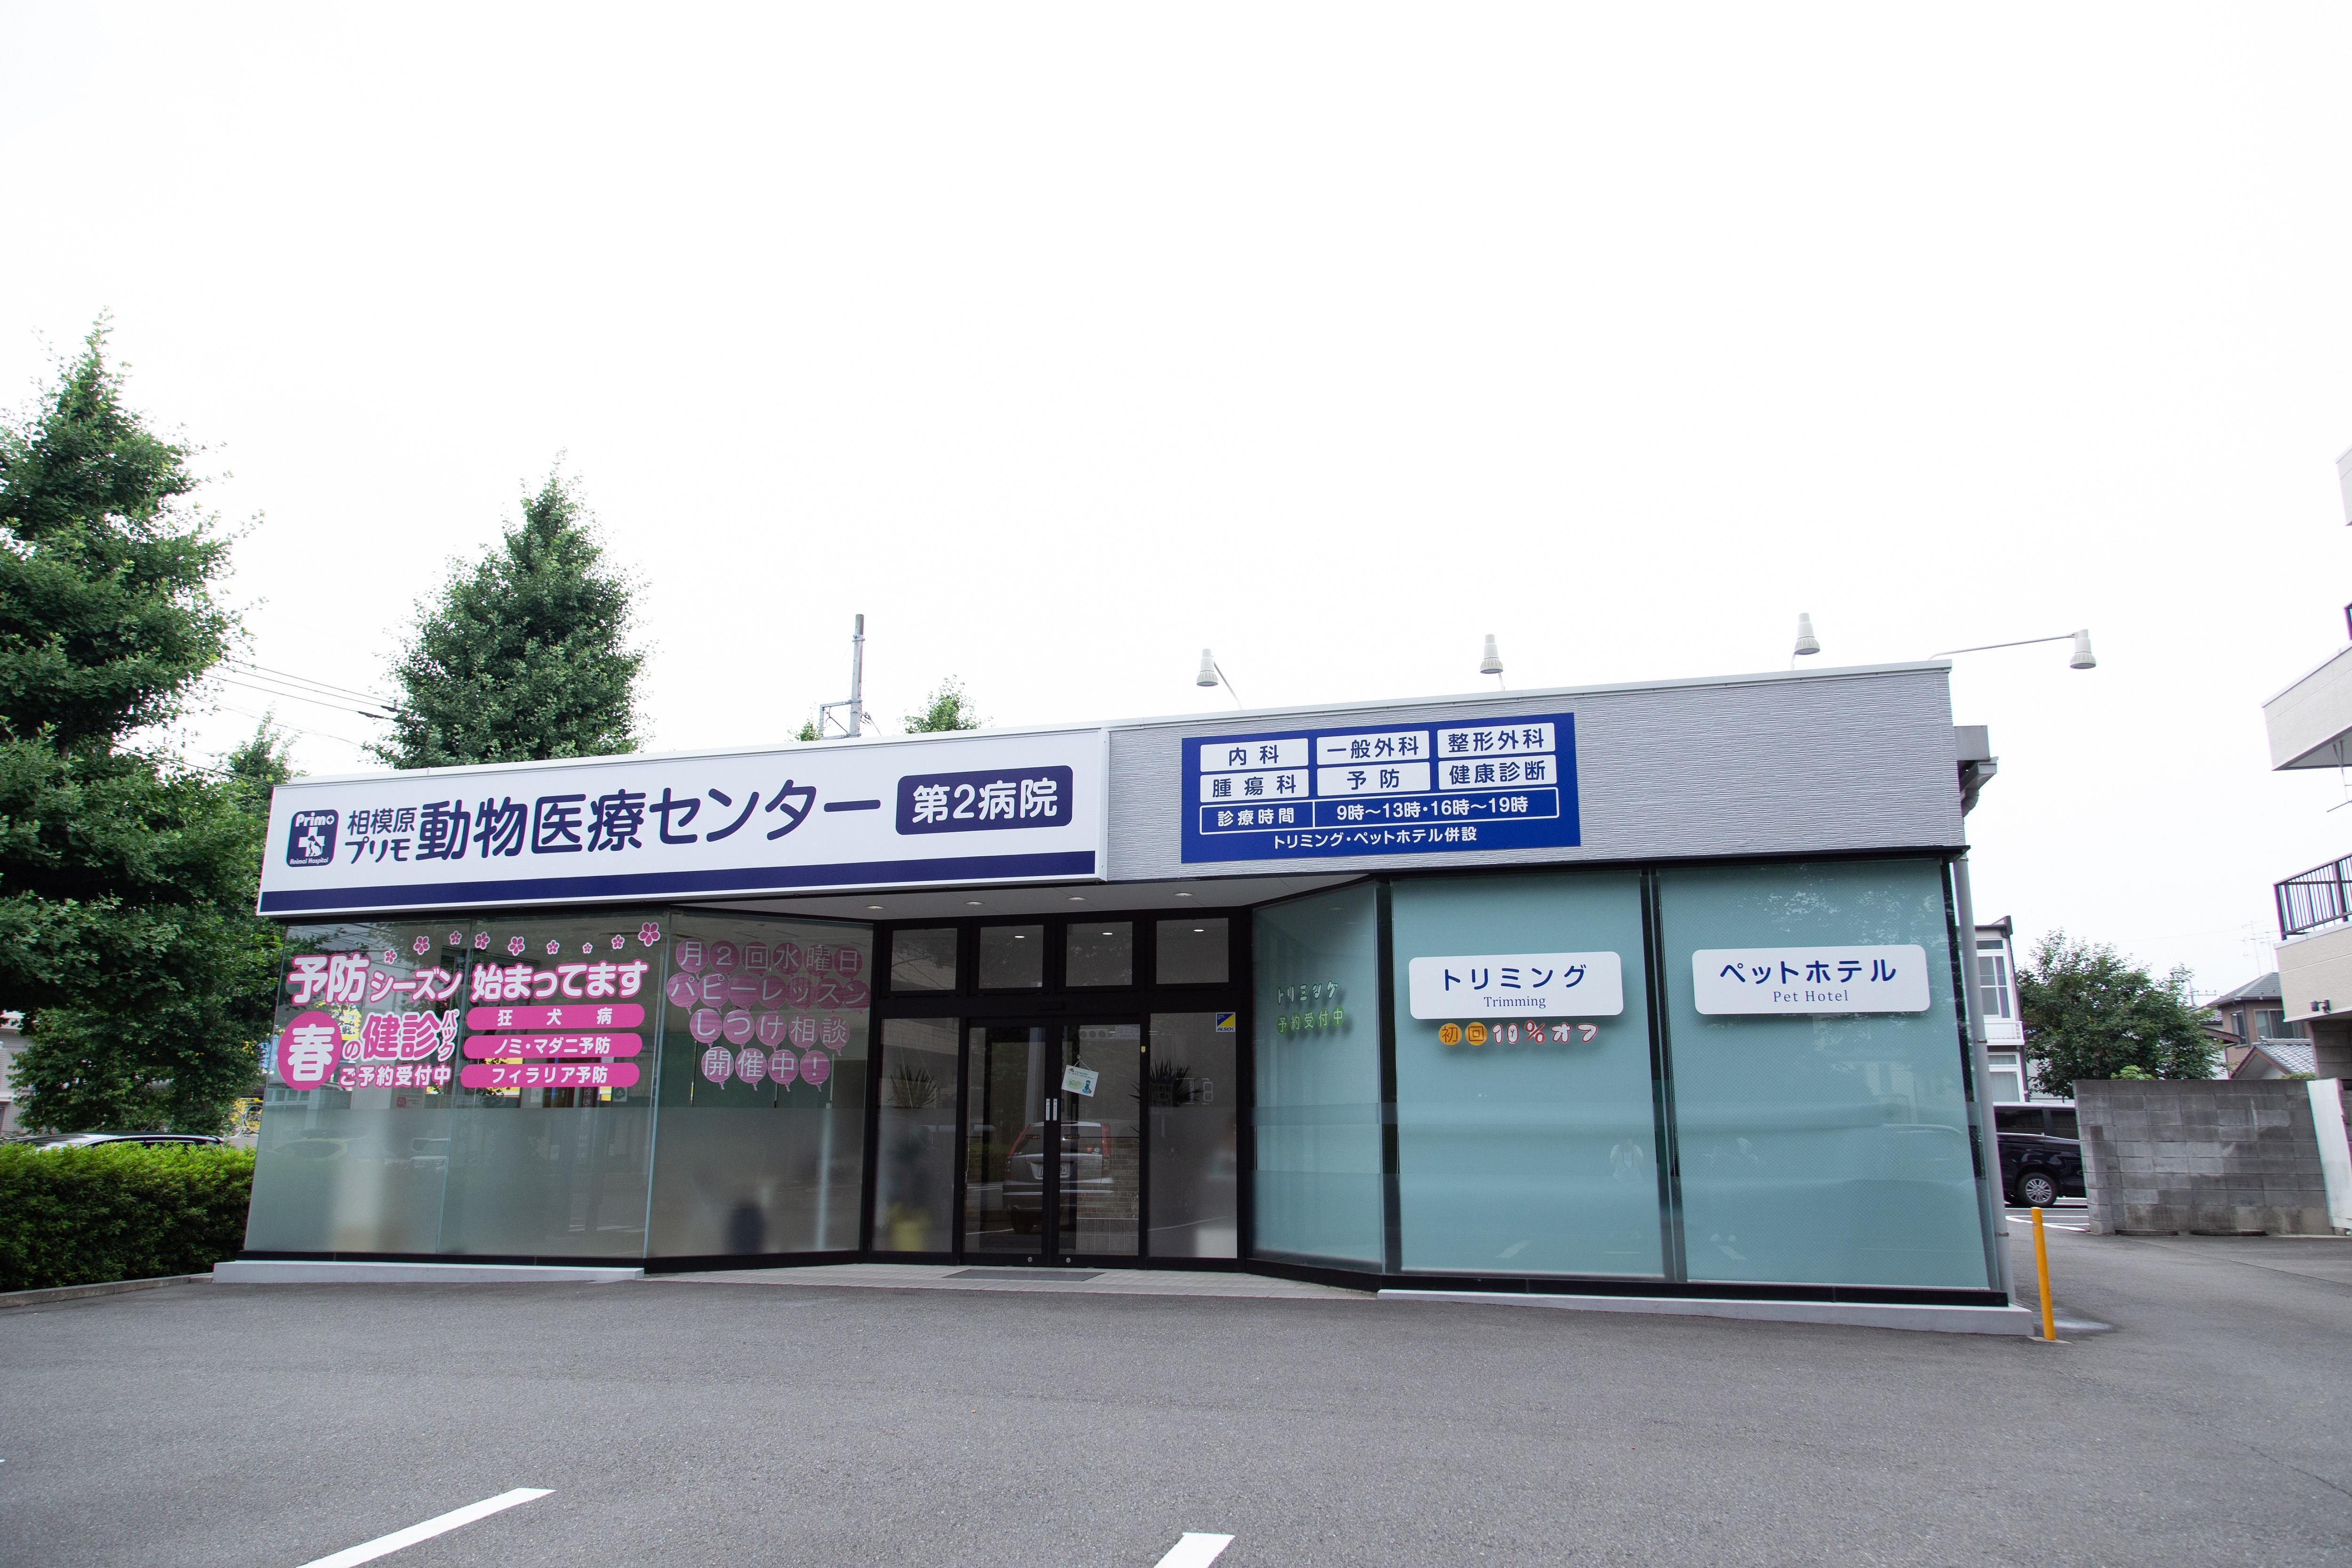 【夜間専任 獣医師募集】非常勤 プリモ動物病院グループ